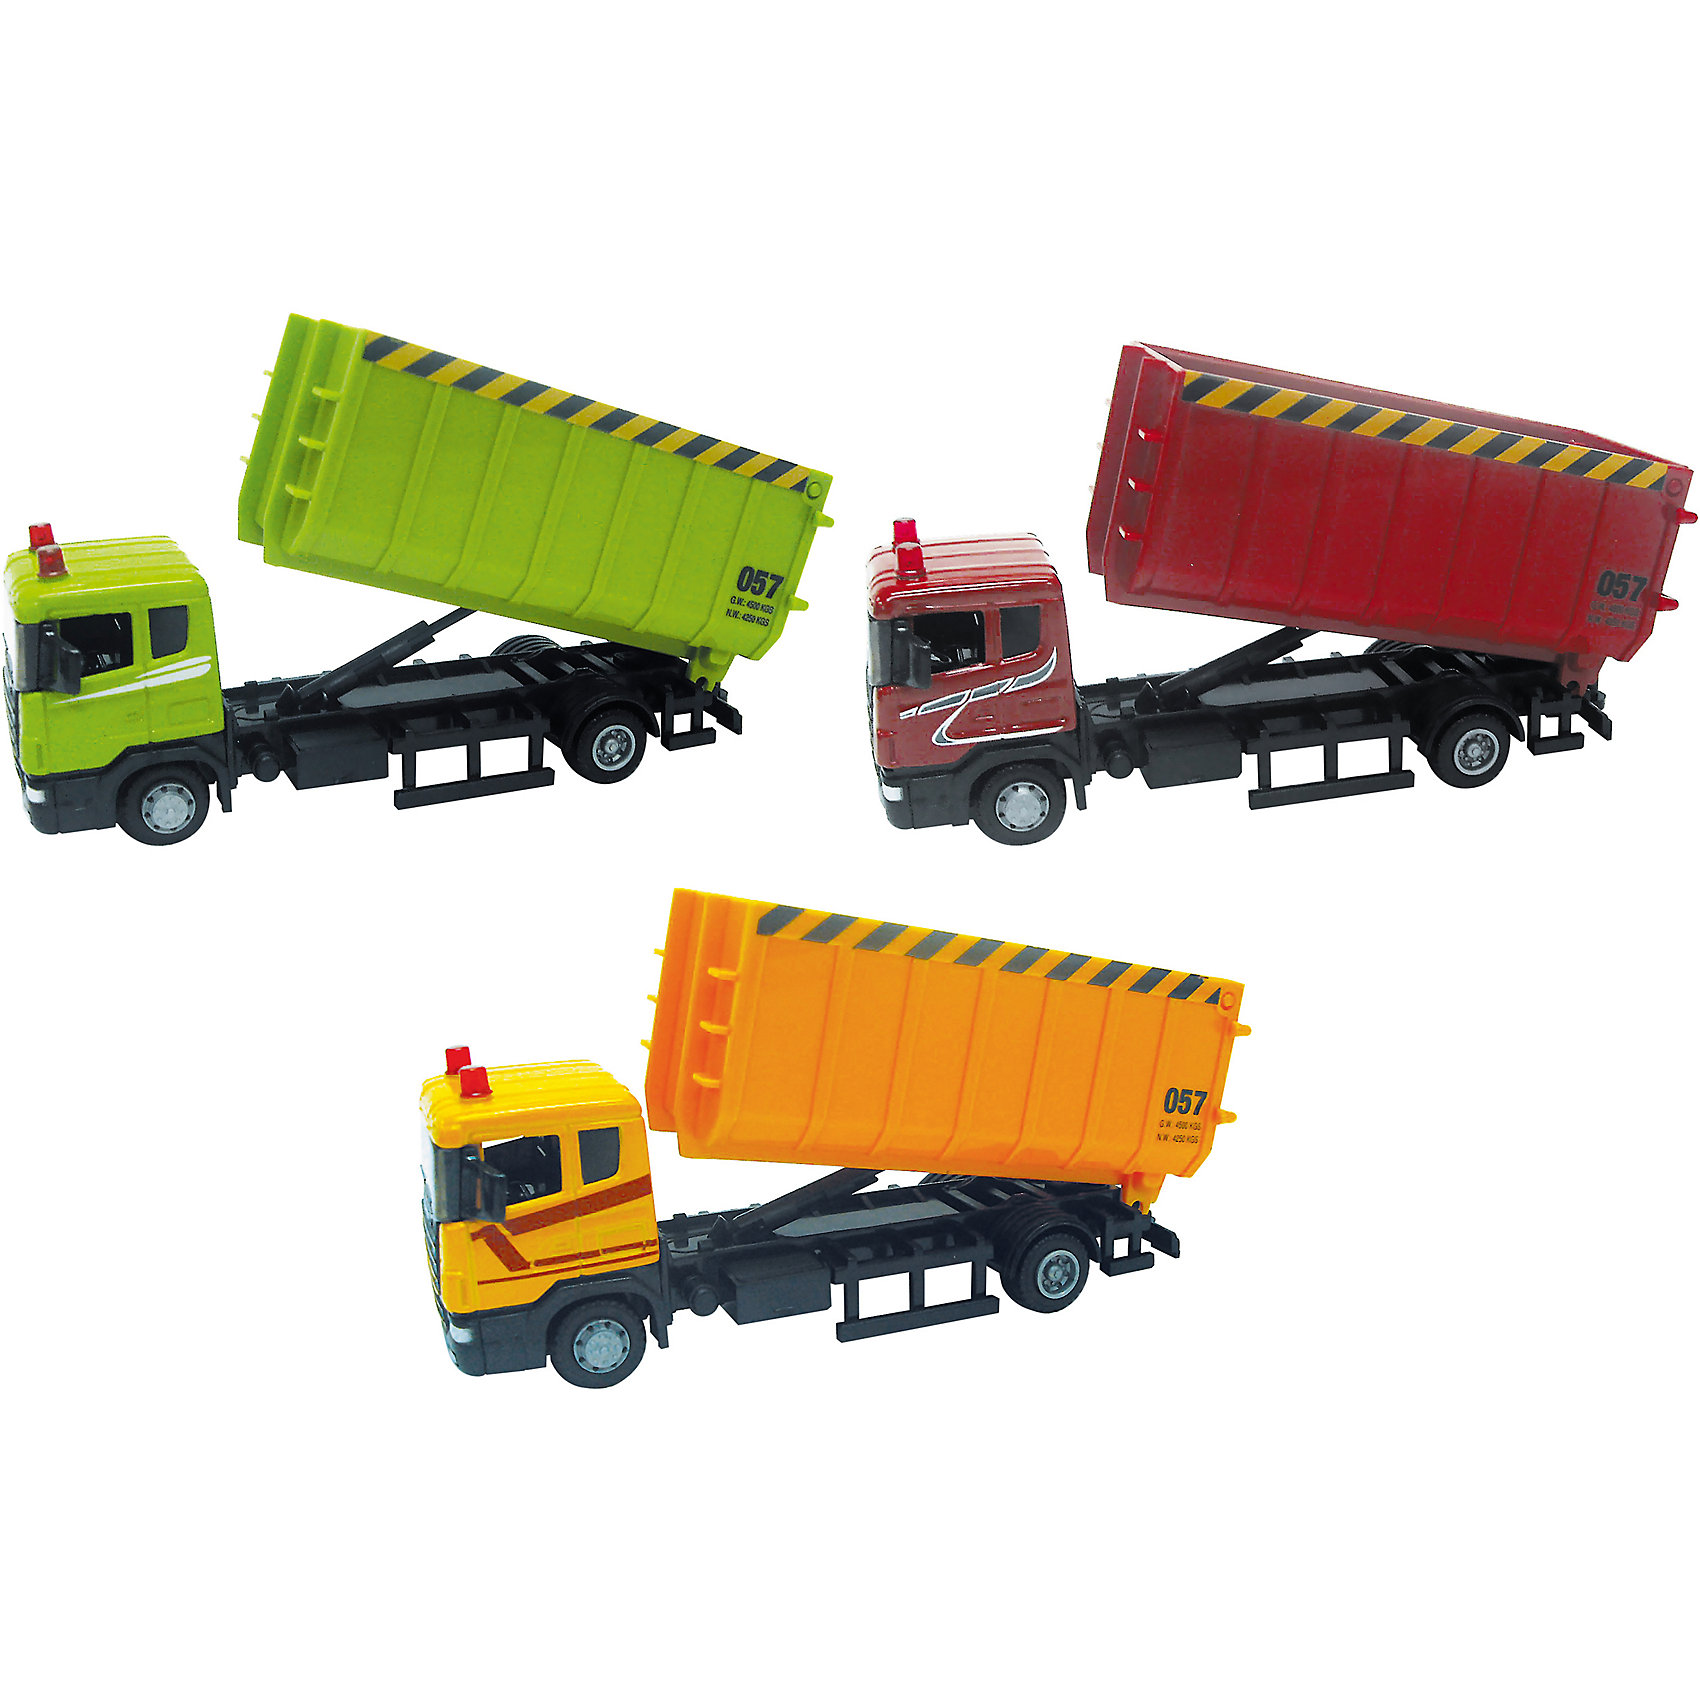 Машина SCANIA, стройконтейнер, 1:48Машина SCANIA - точная и отлично детализированная копия настоящего автомобиля. Игрушка имеет подвижные колеса и открывающиеся двери, выполнена из высококачественных материалов безопасных для детей. <br><br>Дополнительная информация:<br><br>- Материал: пластик, металл.<br>- Масштаб: 1:48.<br>- Колеса подвижные.<br>- Двери открываются.<br>- Кузов поднимается. <br>- Размер: 20х11х6 см.<br><br>Машину SCANIA, стройконтейнер, 1:48, можно купить в нашем магазине.<br><br>Ширина мм: 197<br>Глубина мм: 60<br>Высота мм: 111<br>Вес г: 237<br>Возраст от месяцев: 36<br>Возраст до месяцев: 84<br>Пол: Мужской<br>Возраст: Детский<br>SKU: 4515370